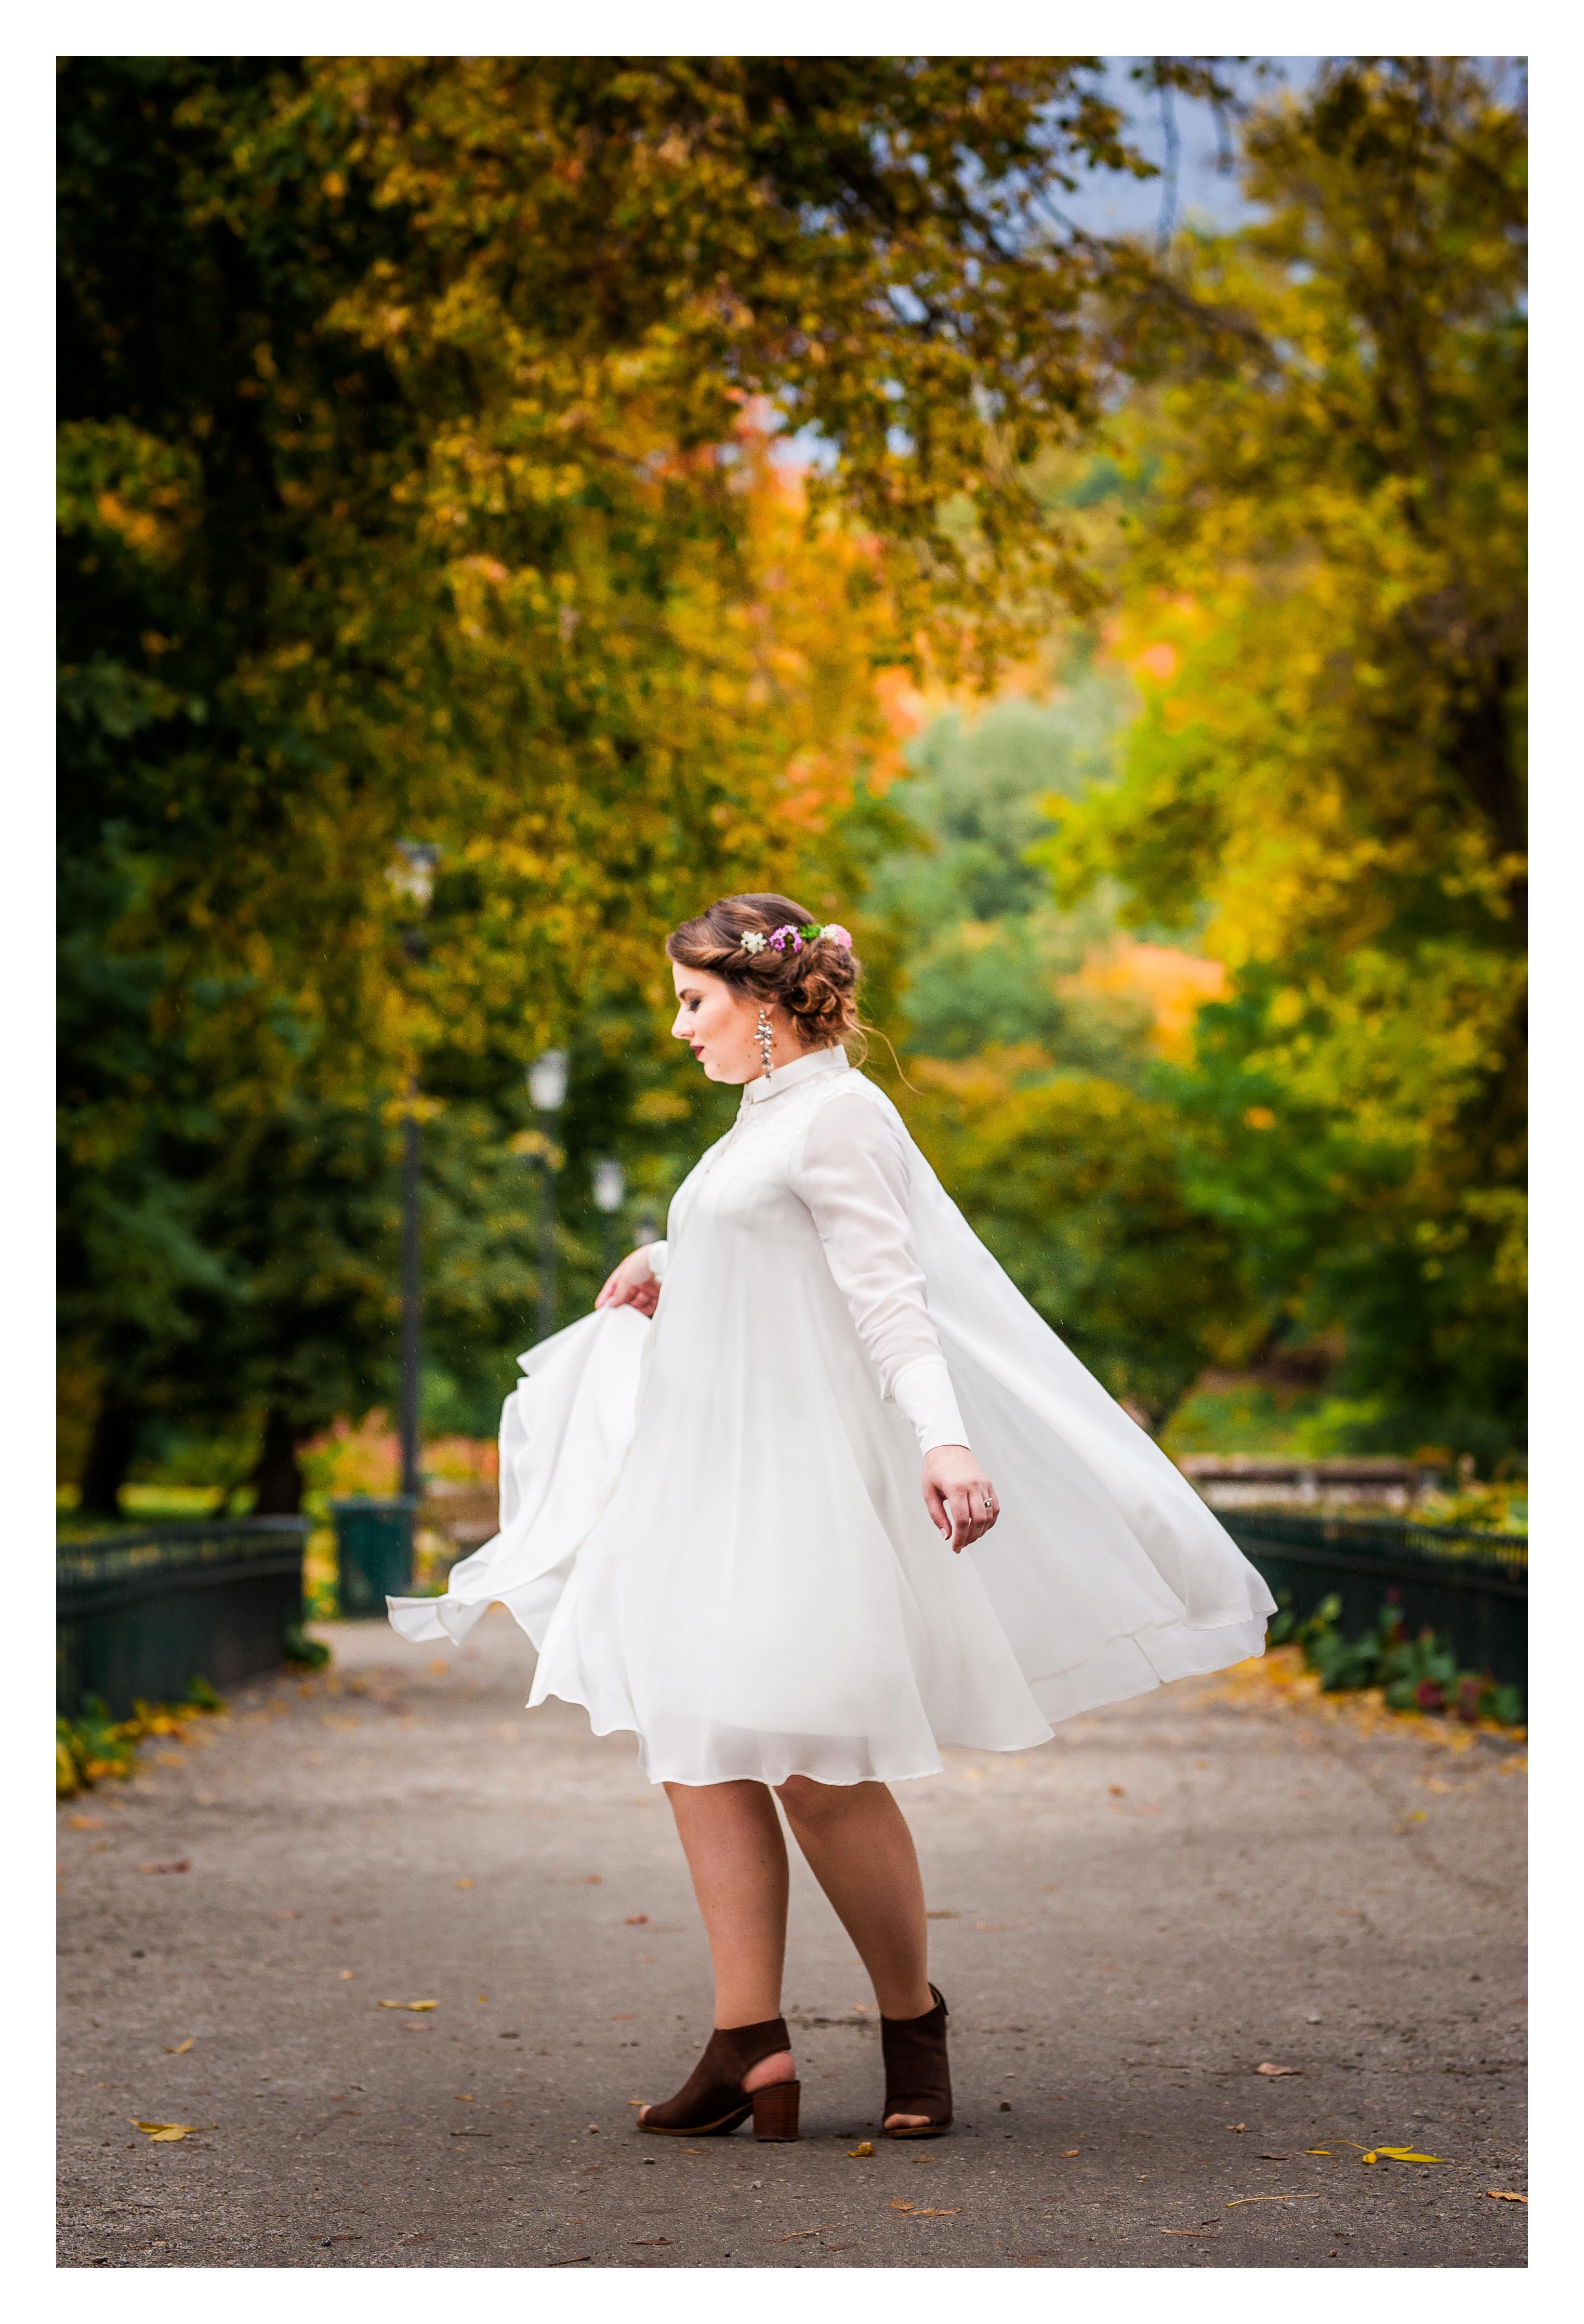 Šifoninė marškinių tipo suknelė